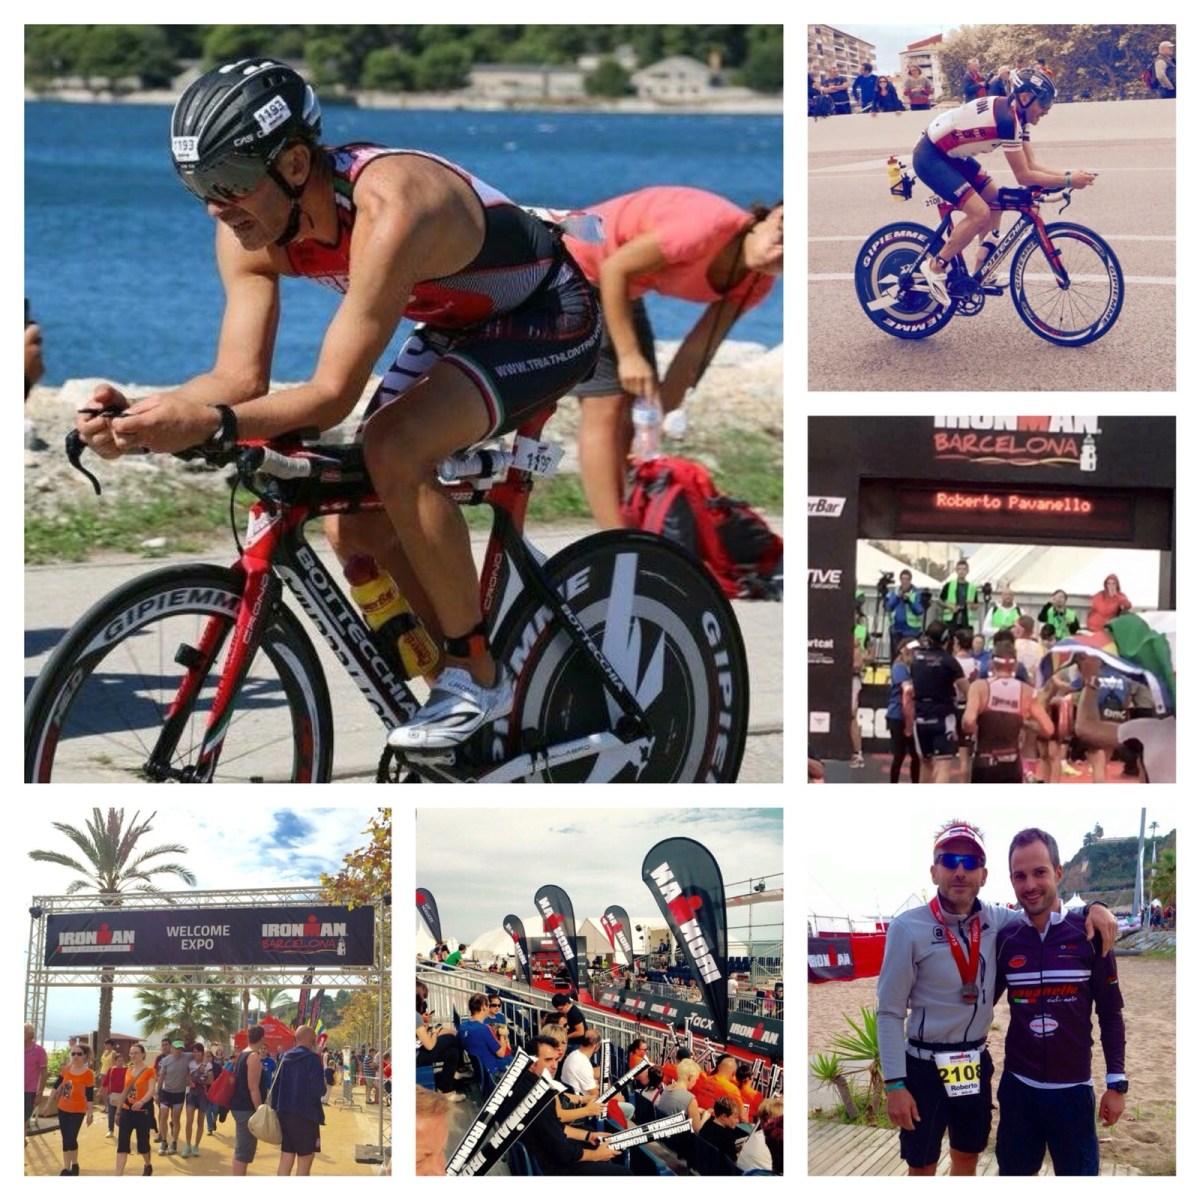 Roberto Pavanello - Triathlon Treviso